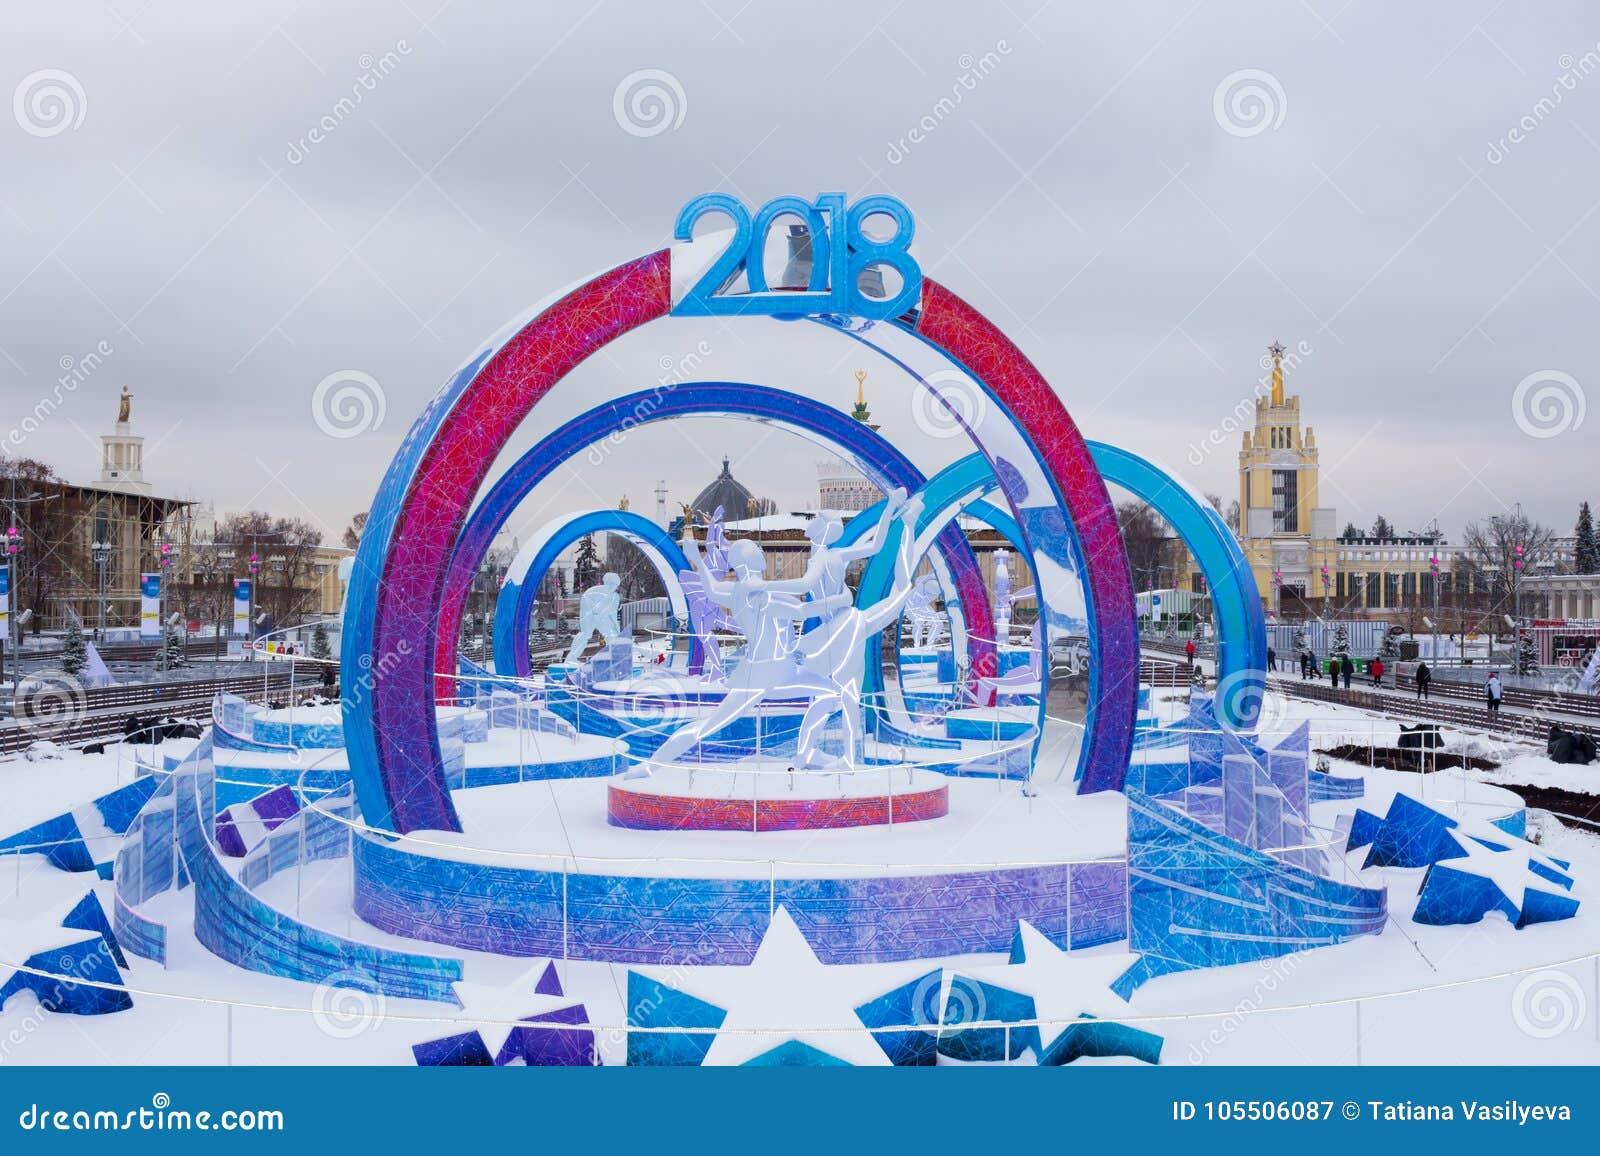 MOSKWA, ROSJA: Łyżwiarski lodowisko na VDNKh parku